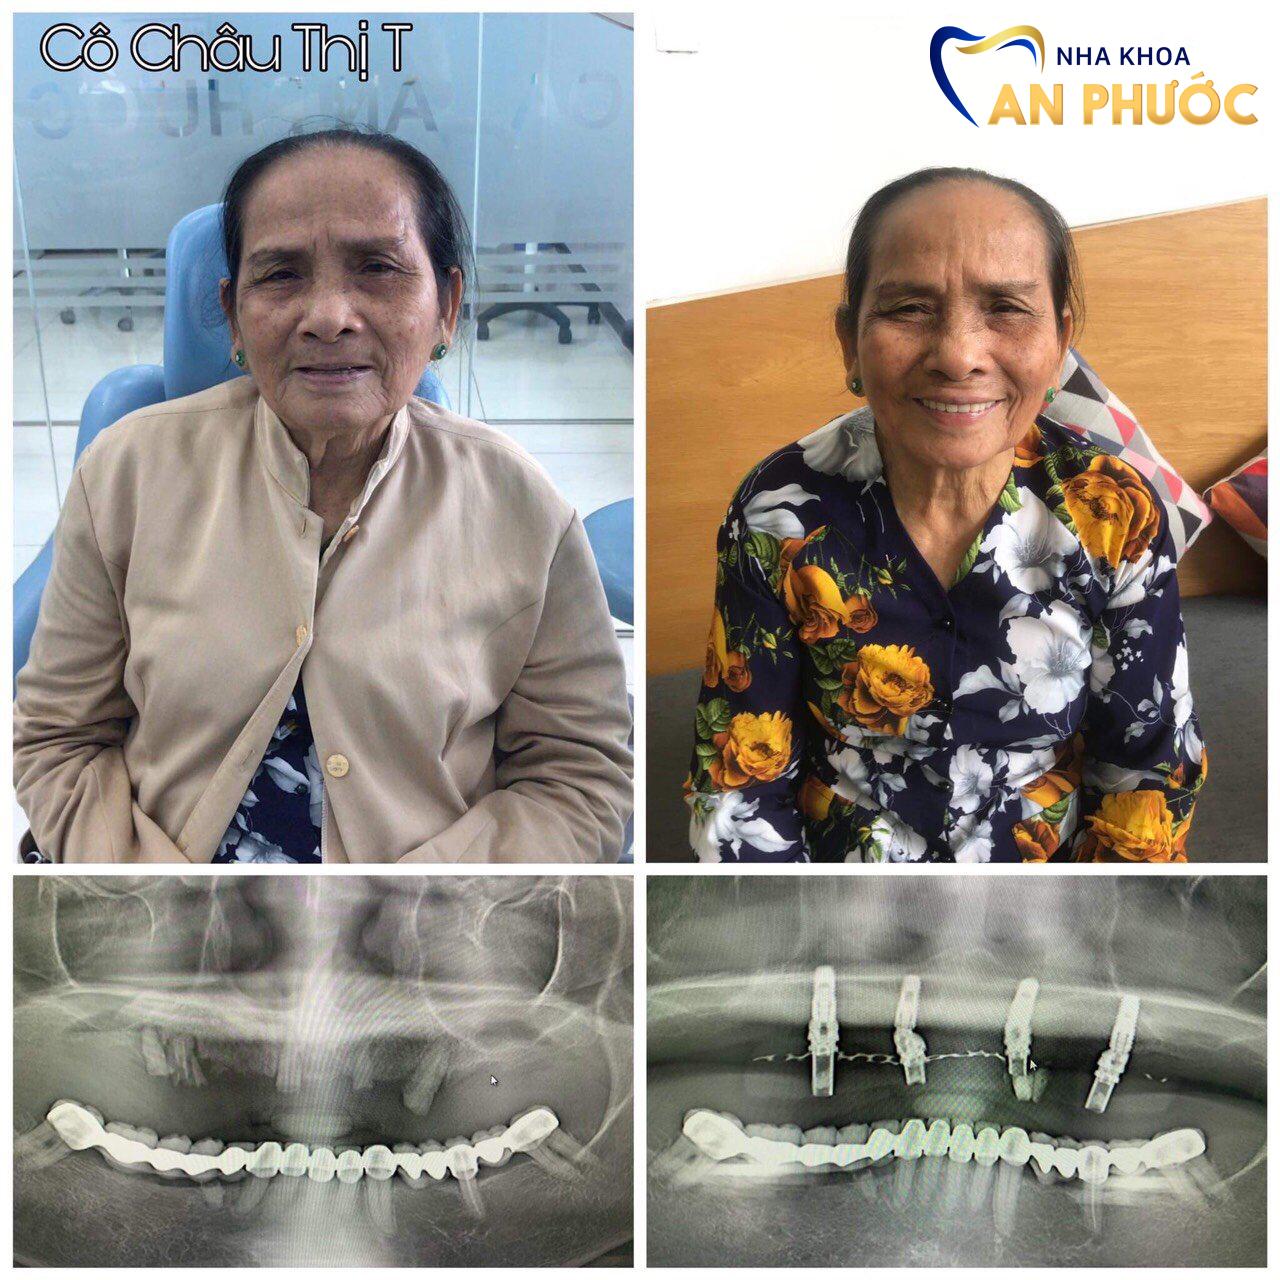 Khách hàng C.T.T trồng răng Implant tại nha khoa An Phước.